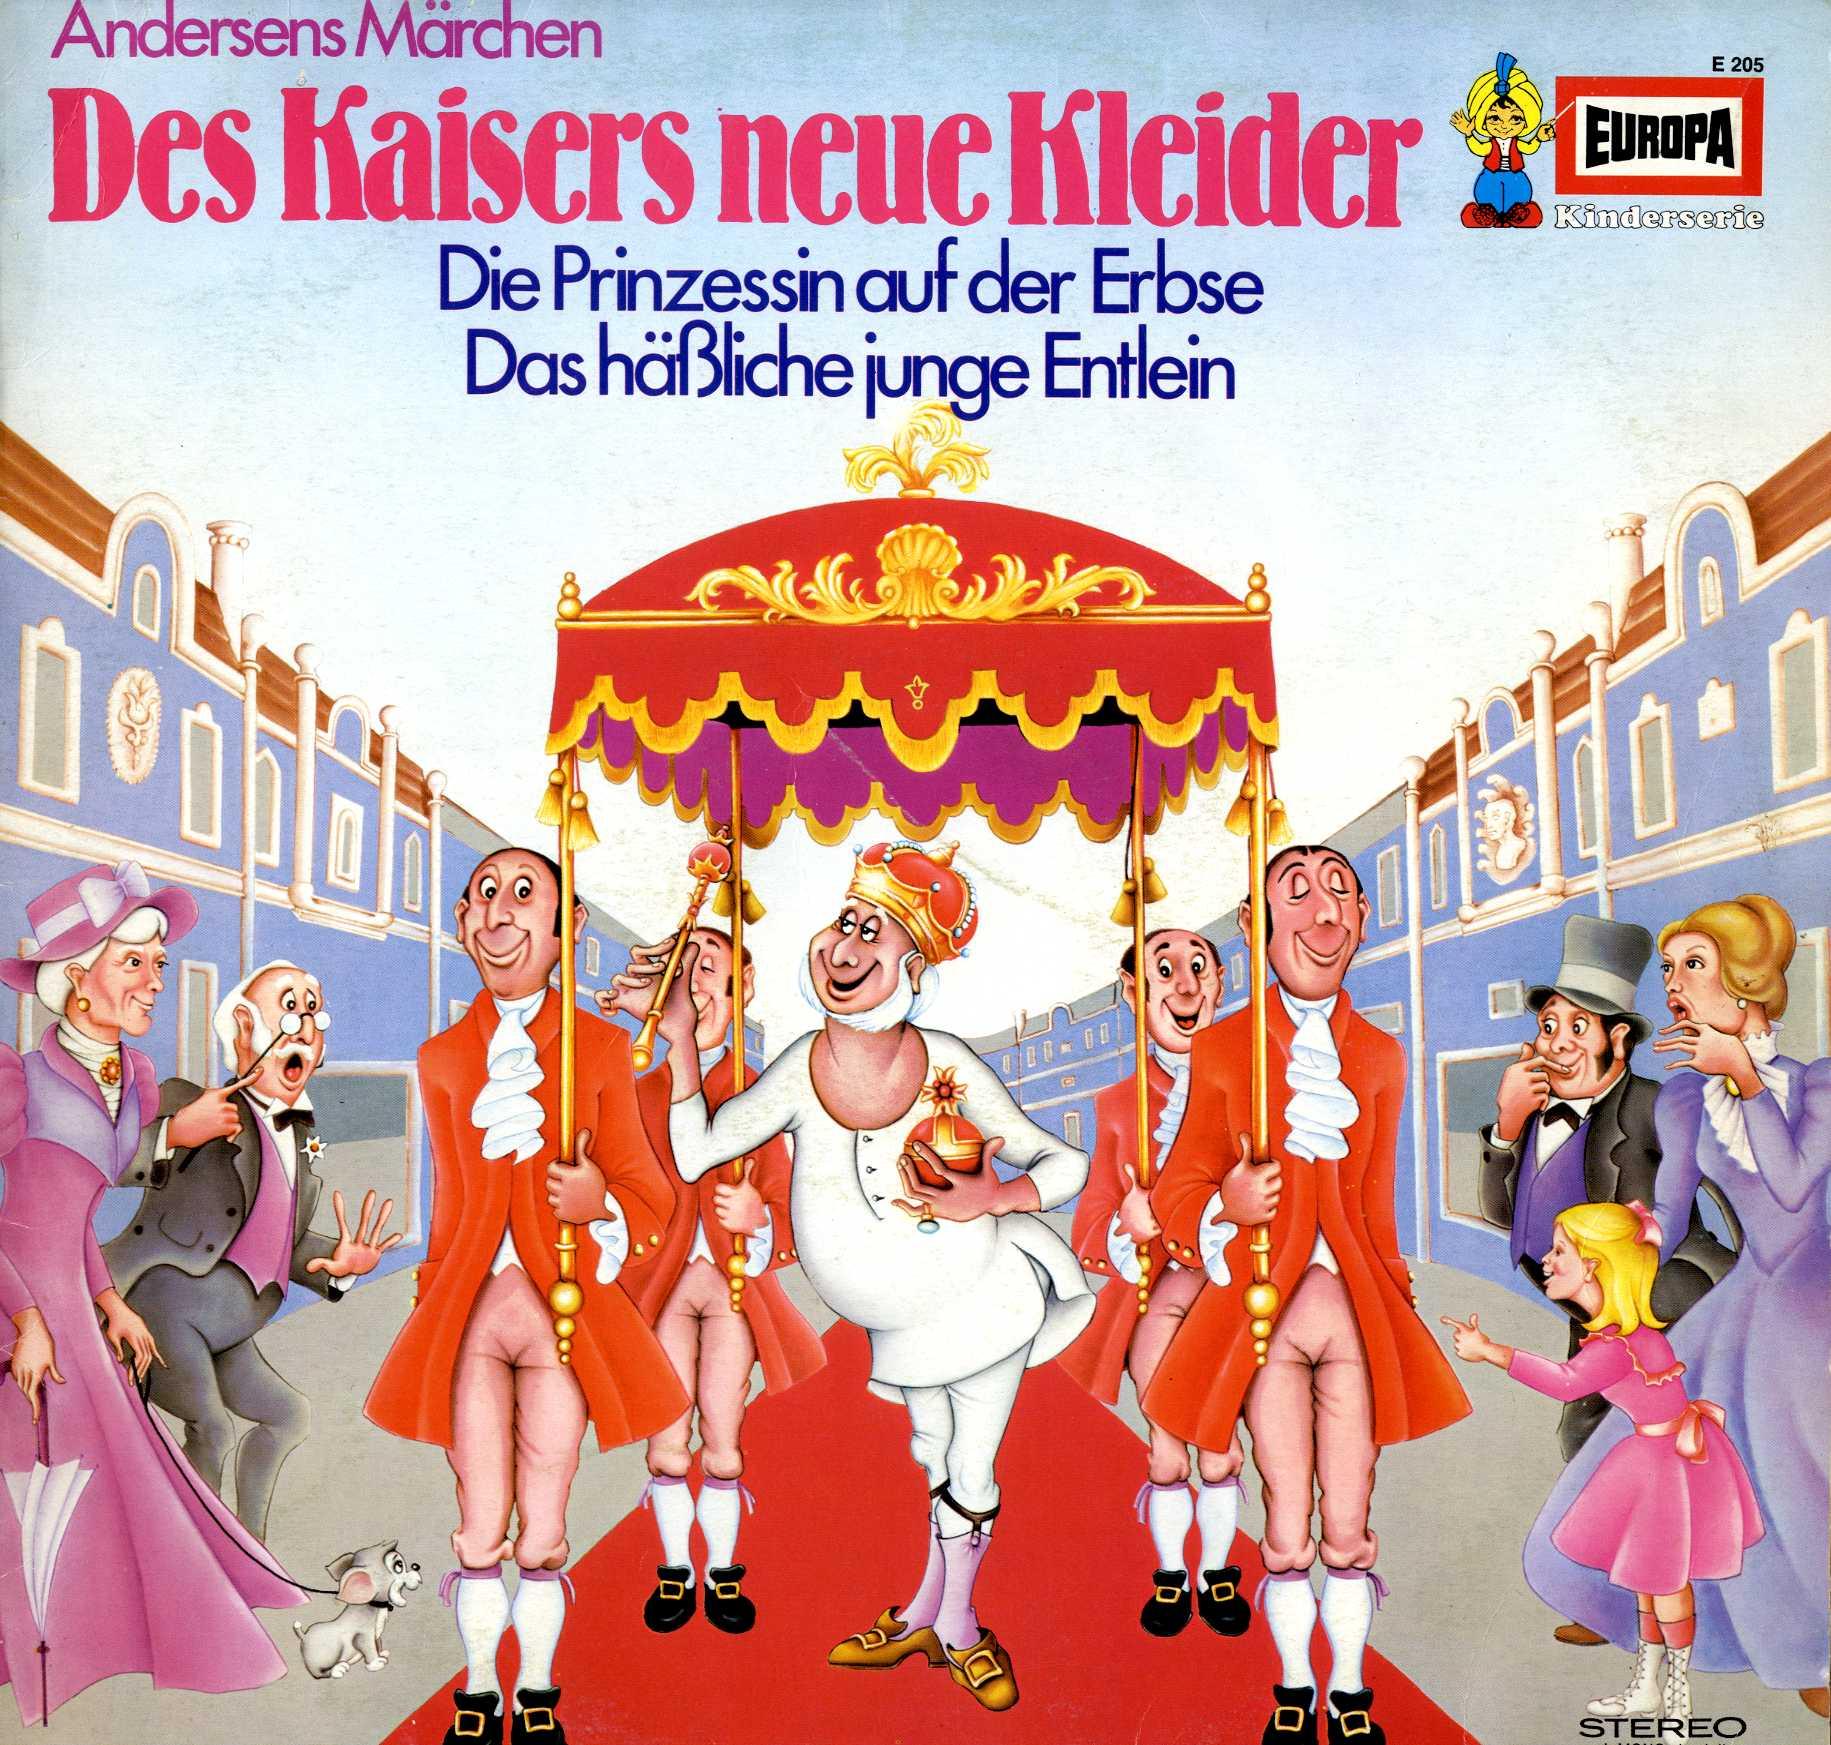 Andersens-Märchen-Vorderseite